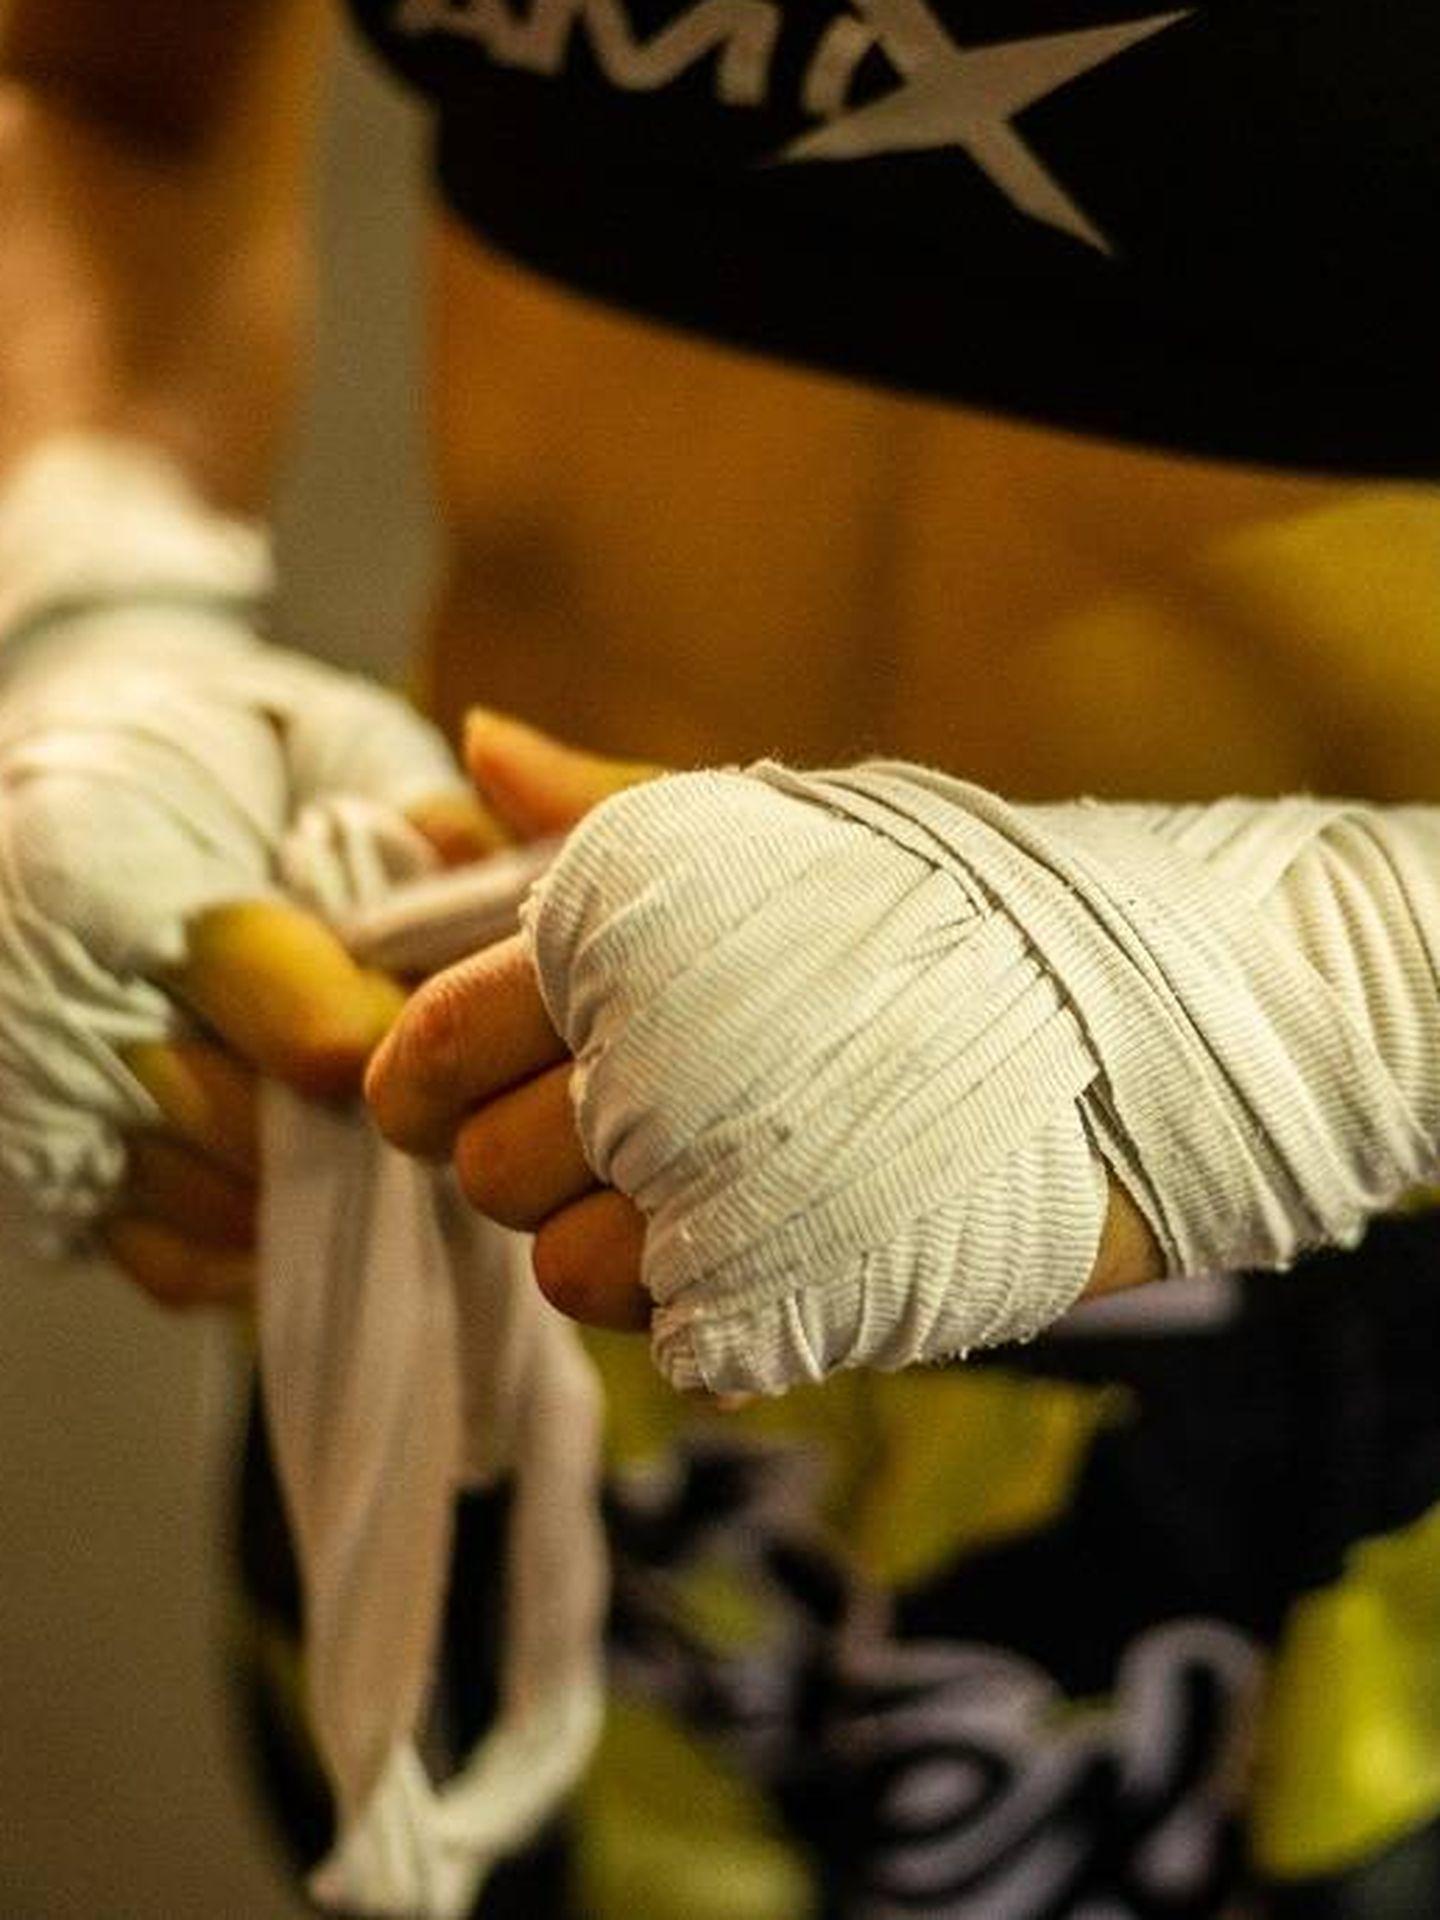 La luchadora toledana retirándose sus vendas tras finalizar la sesión. (Fernando Ruso)